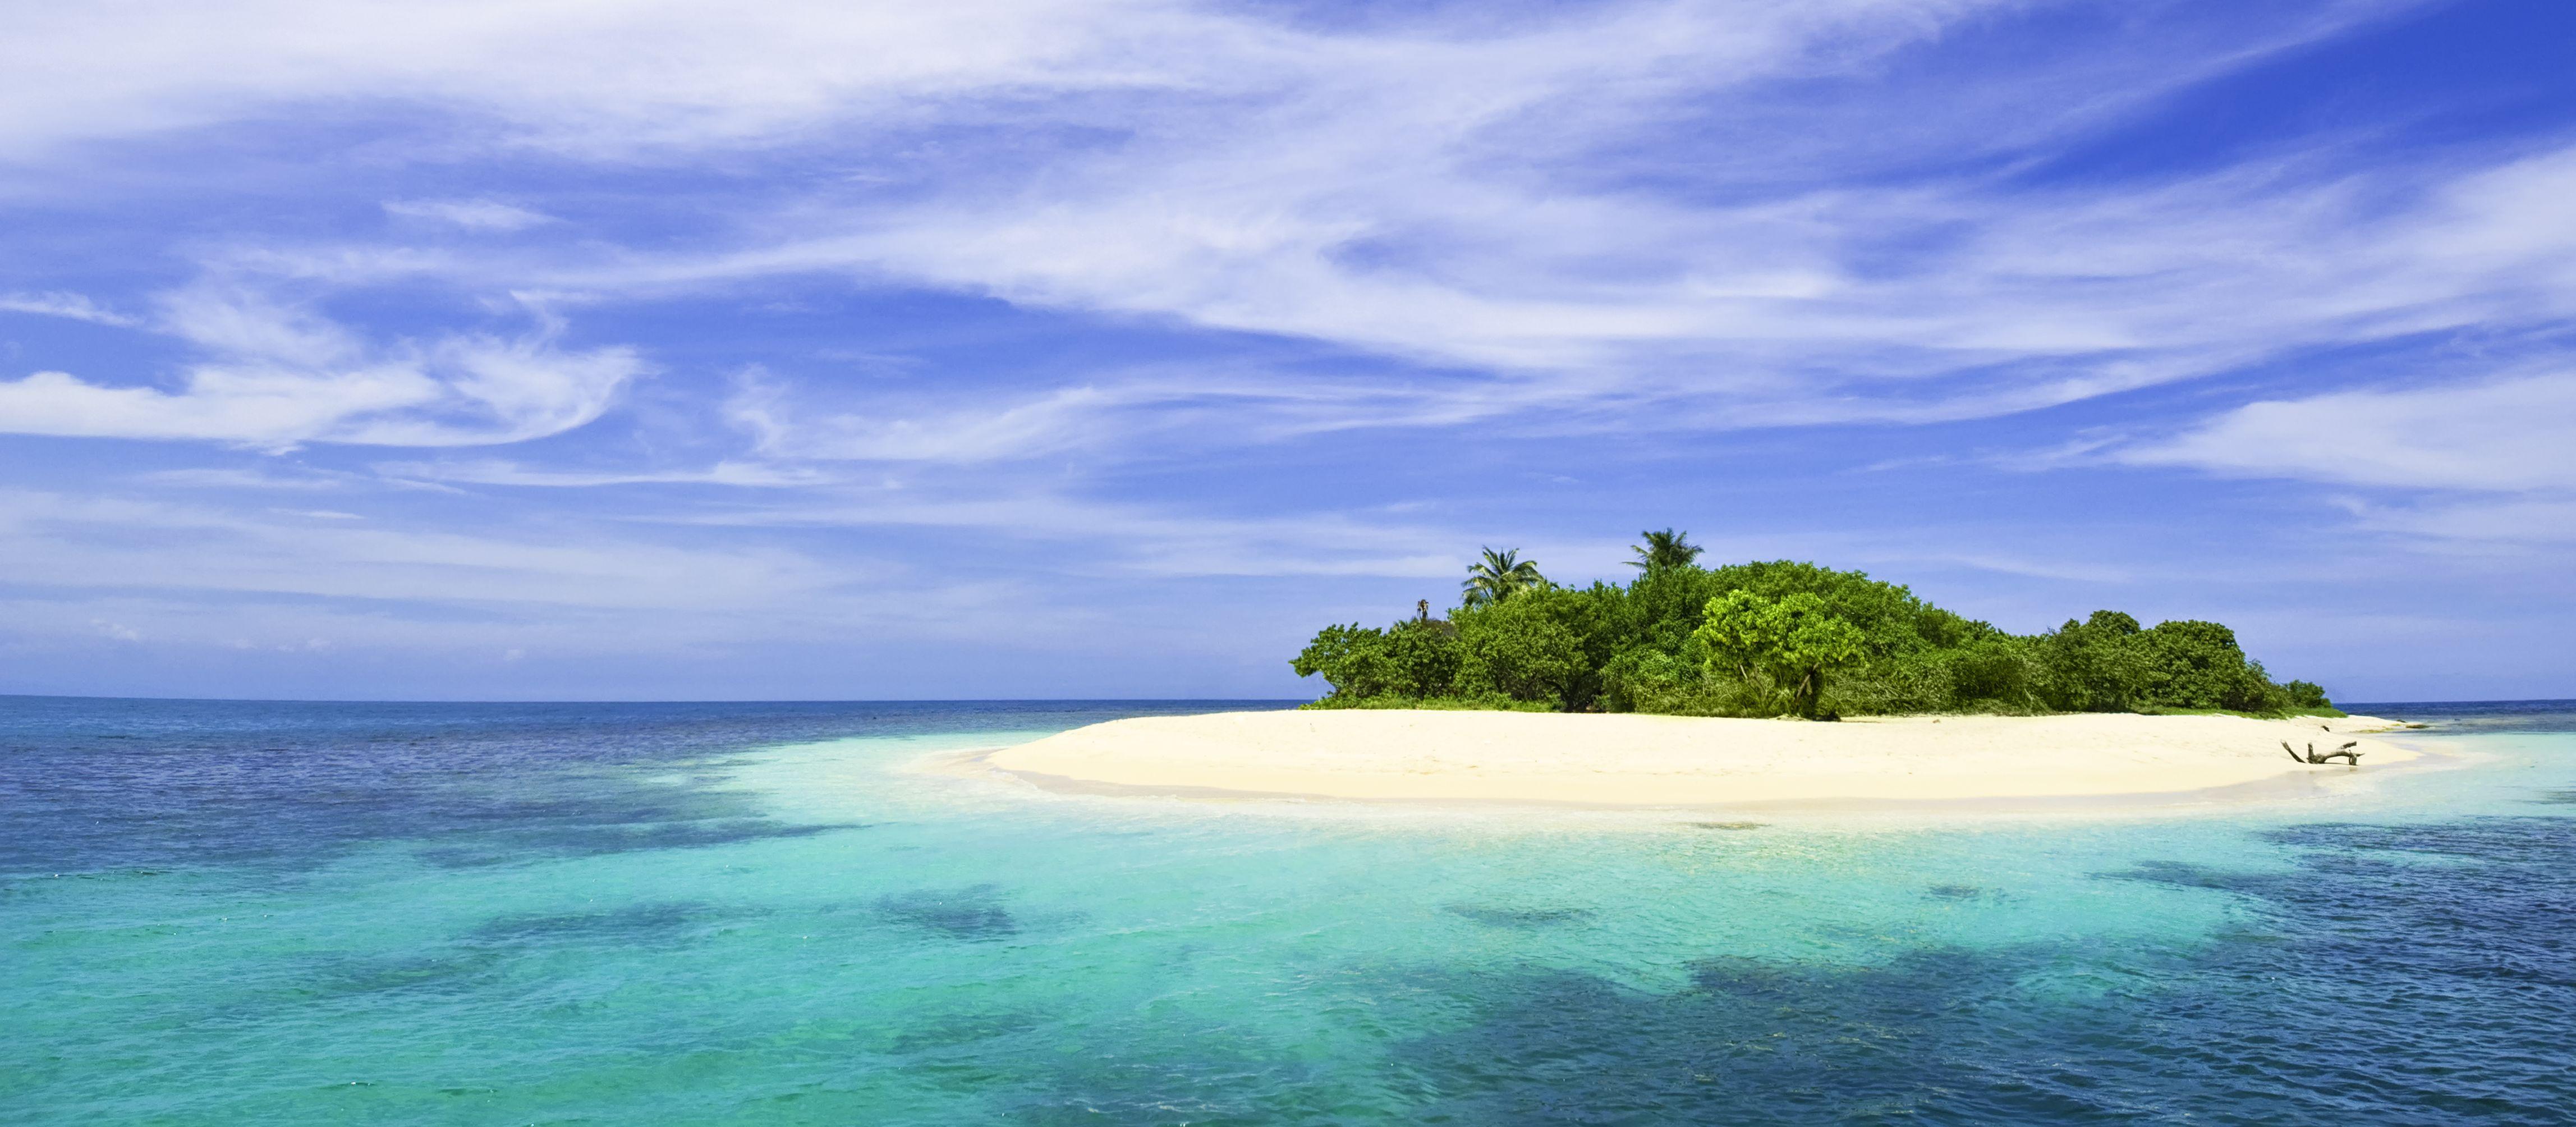 Einsame tropische Insel in der Karibik